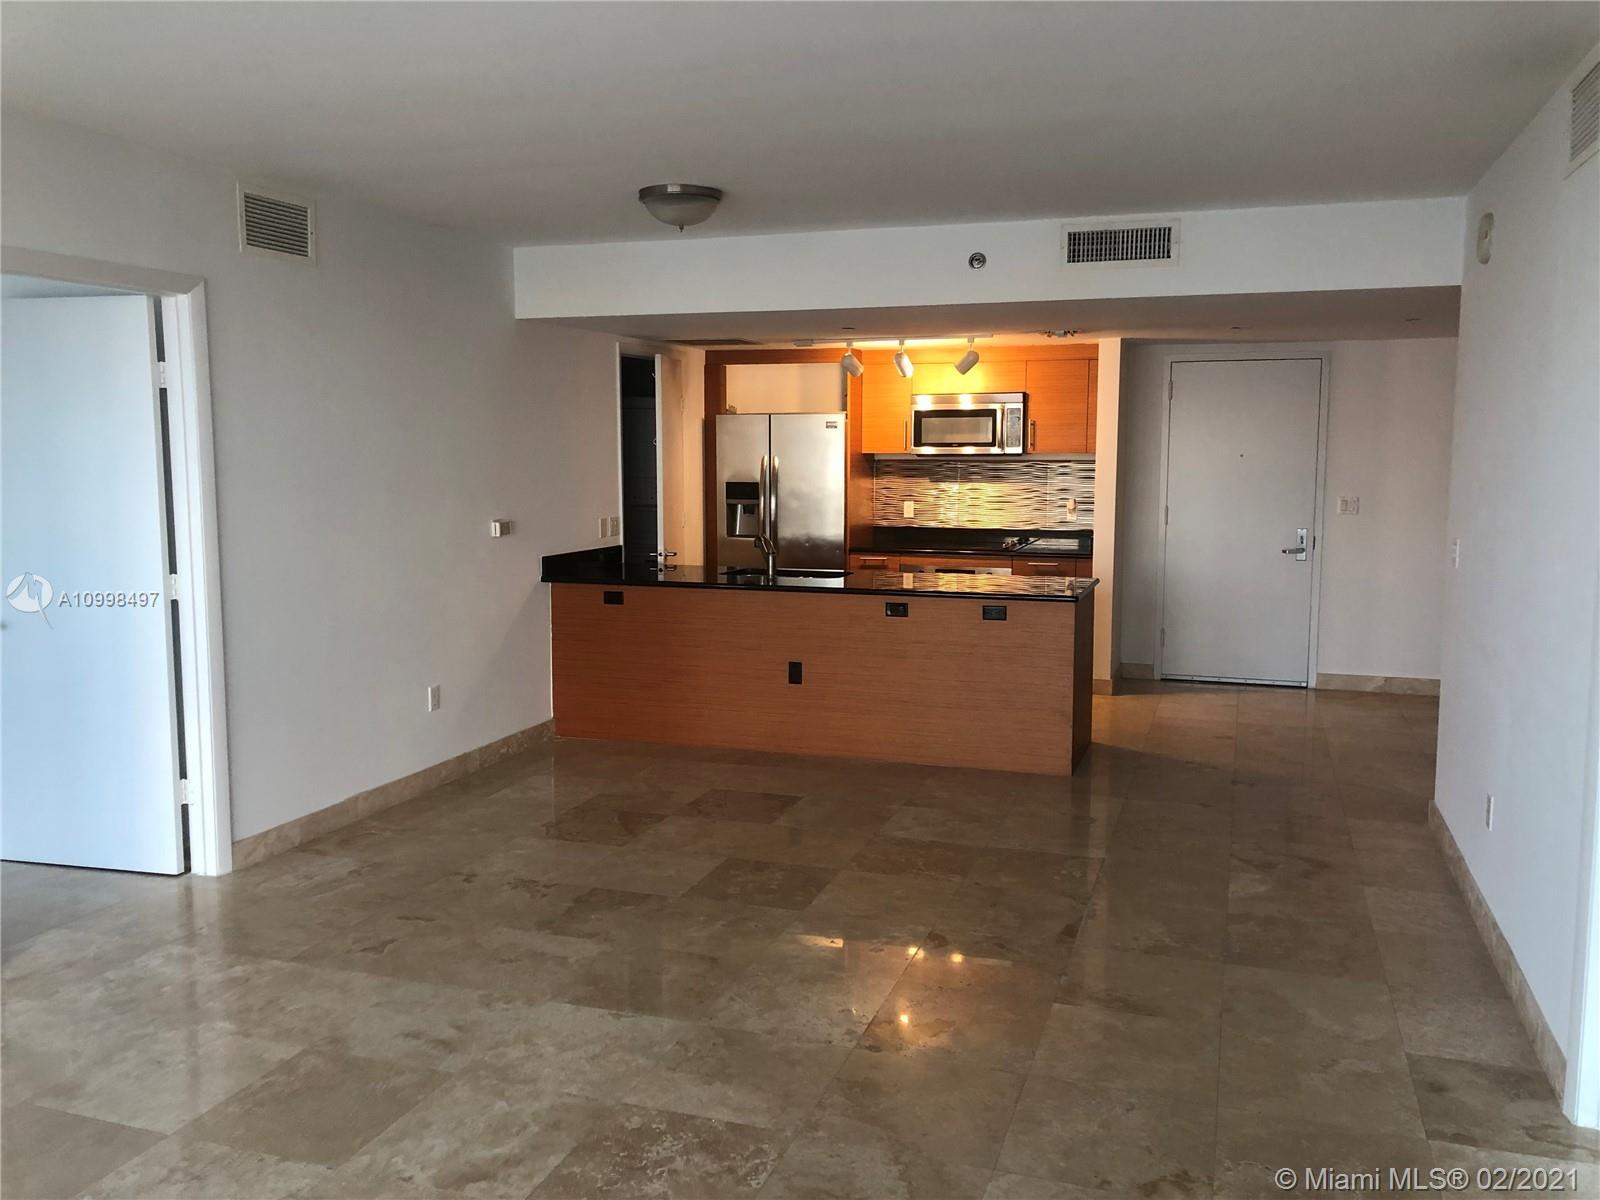 50 Biscayne #4106 - 50 Biscayne Blvd #4106, Miami, FL 33132